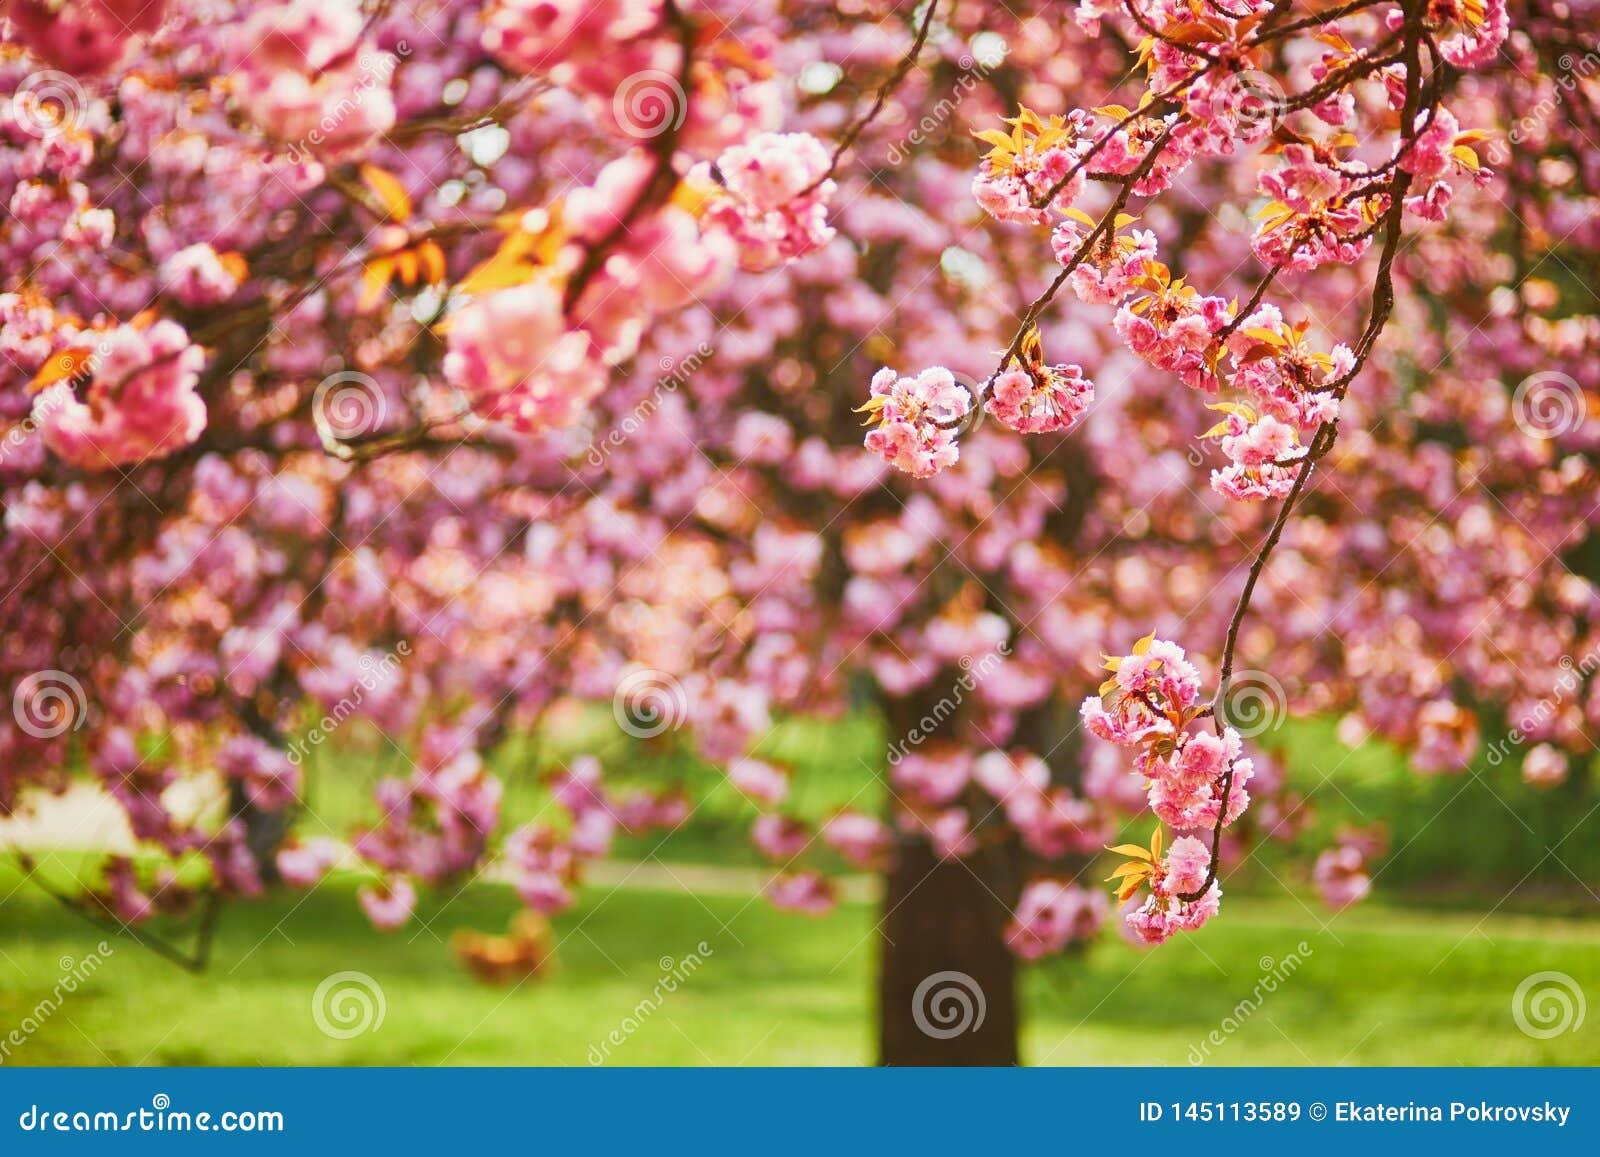 Ramo di un ciliegio con i fiori rosa in piena fioritura